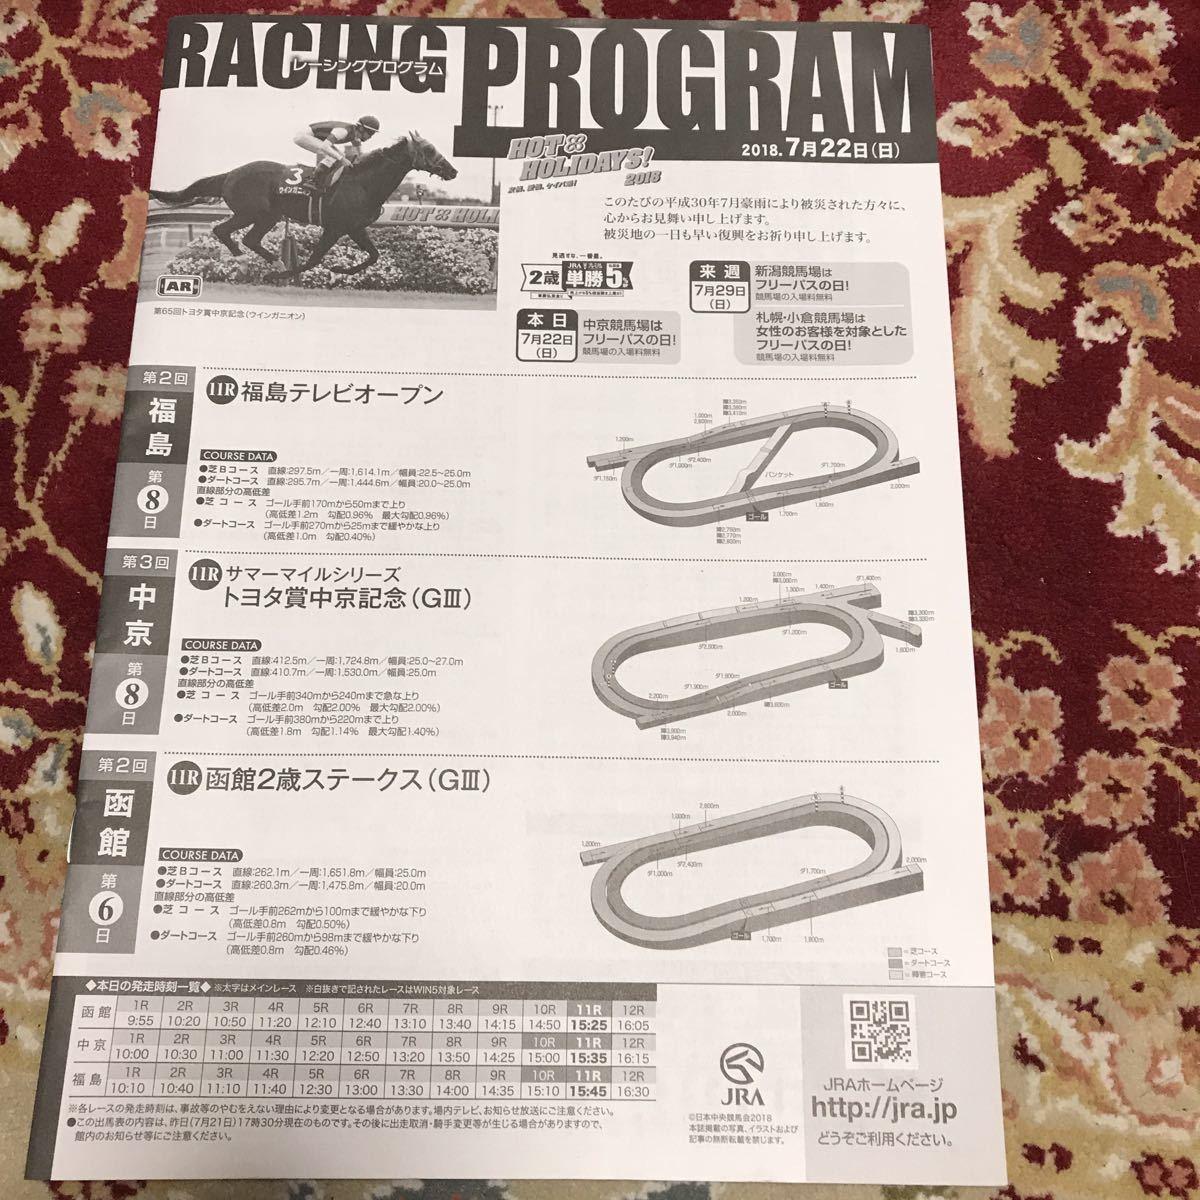 JRAレーシングプログラム2018.7月22日(日)中京記念(GⅢ)、函館2歳ステークス(GⅢ)、福島テレビオープン_画像1